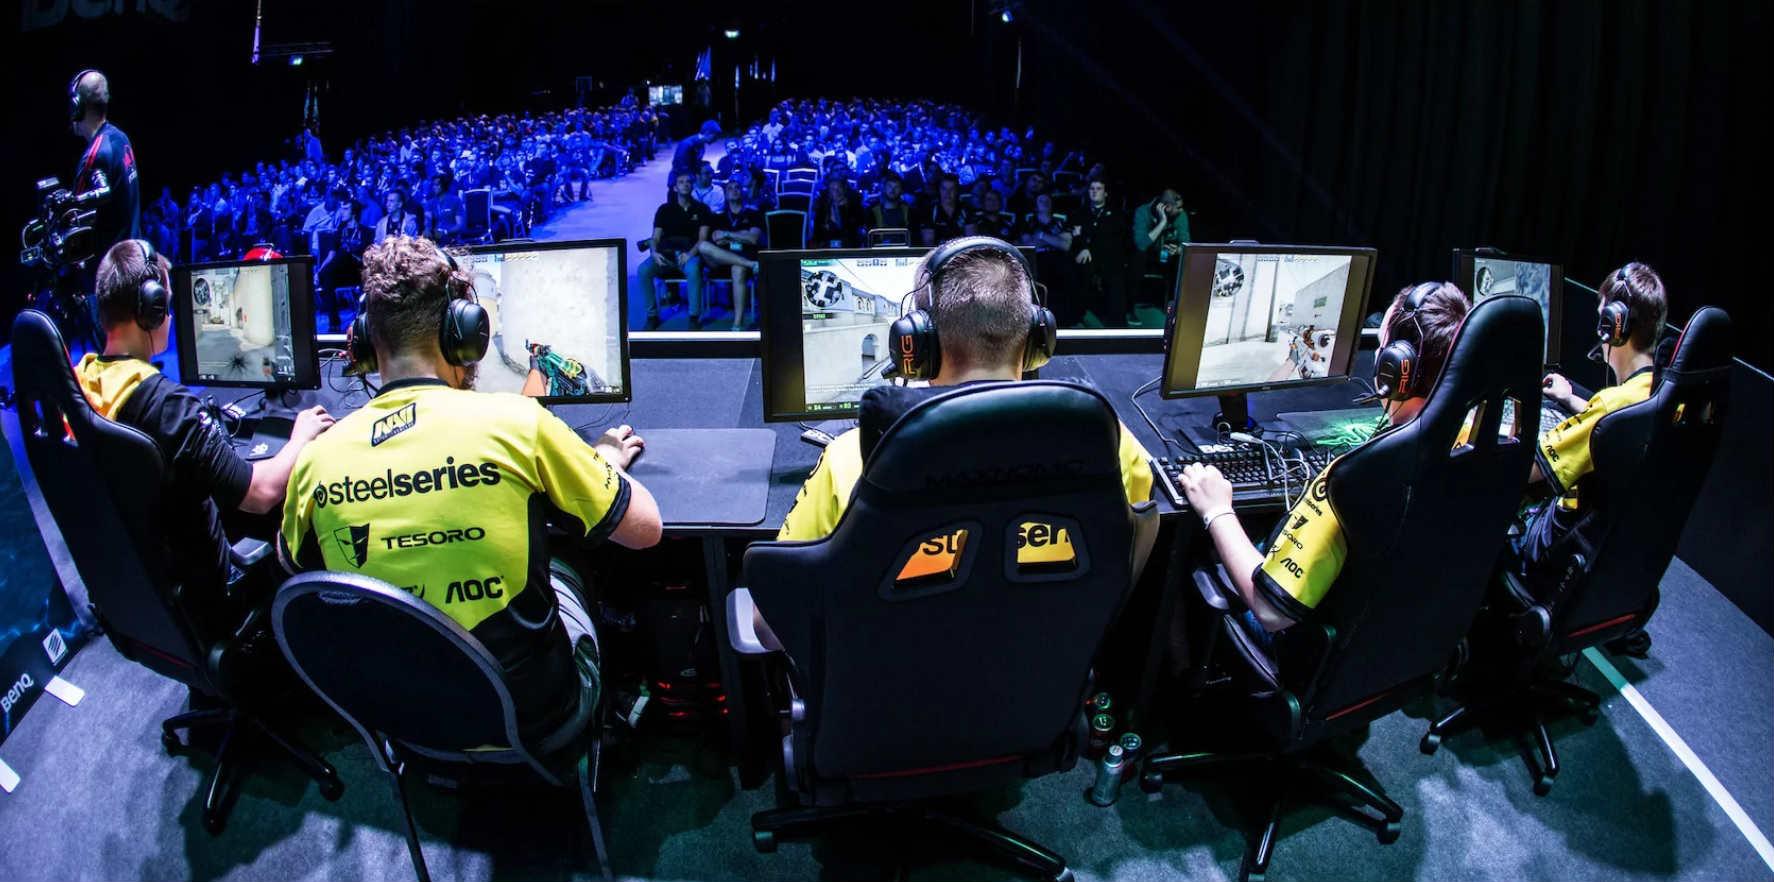 Skolko zarabatyvayut kibersportsmeny CS GO iz Rossii v mesyats i za turnir